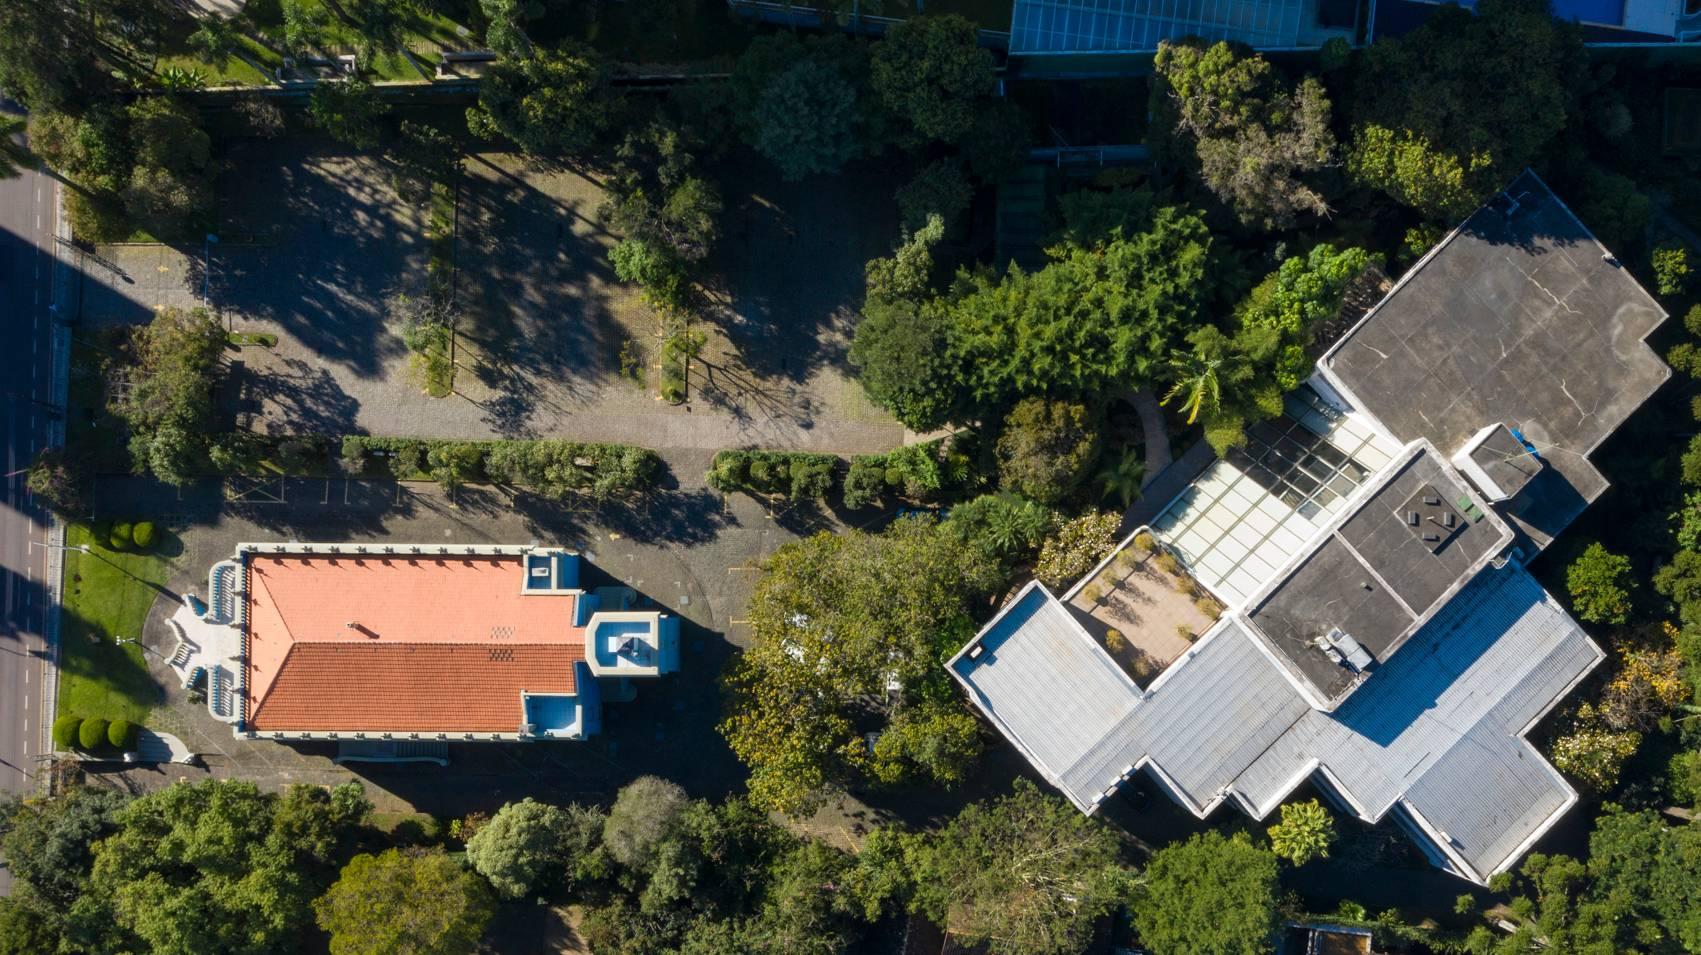 A casa do Desembargador Leão ficava onde hoje se encontra o estacionamento do Palacete dos Leões. Foto: Guilherme Pupo/ Divulgação BRDE